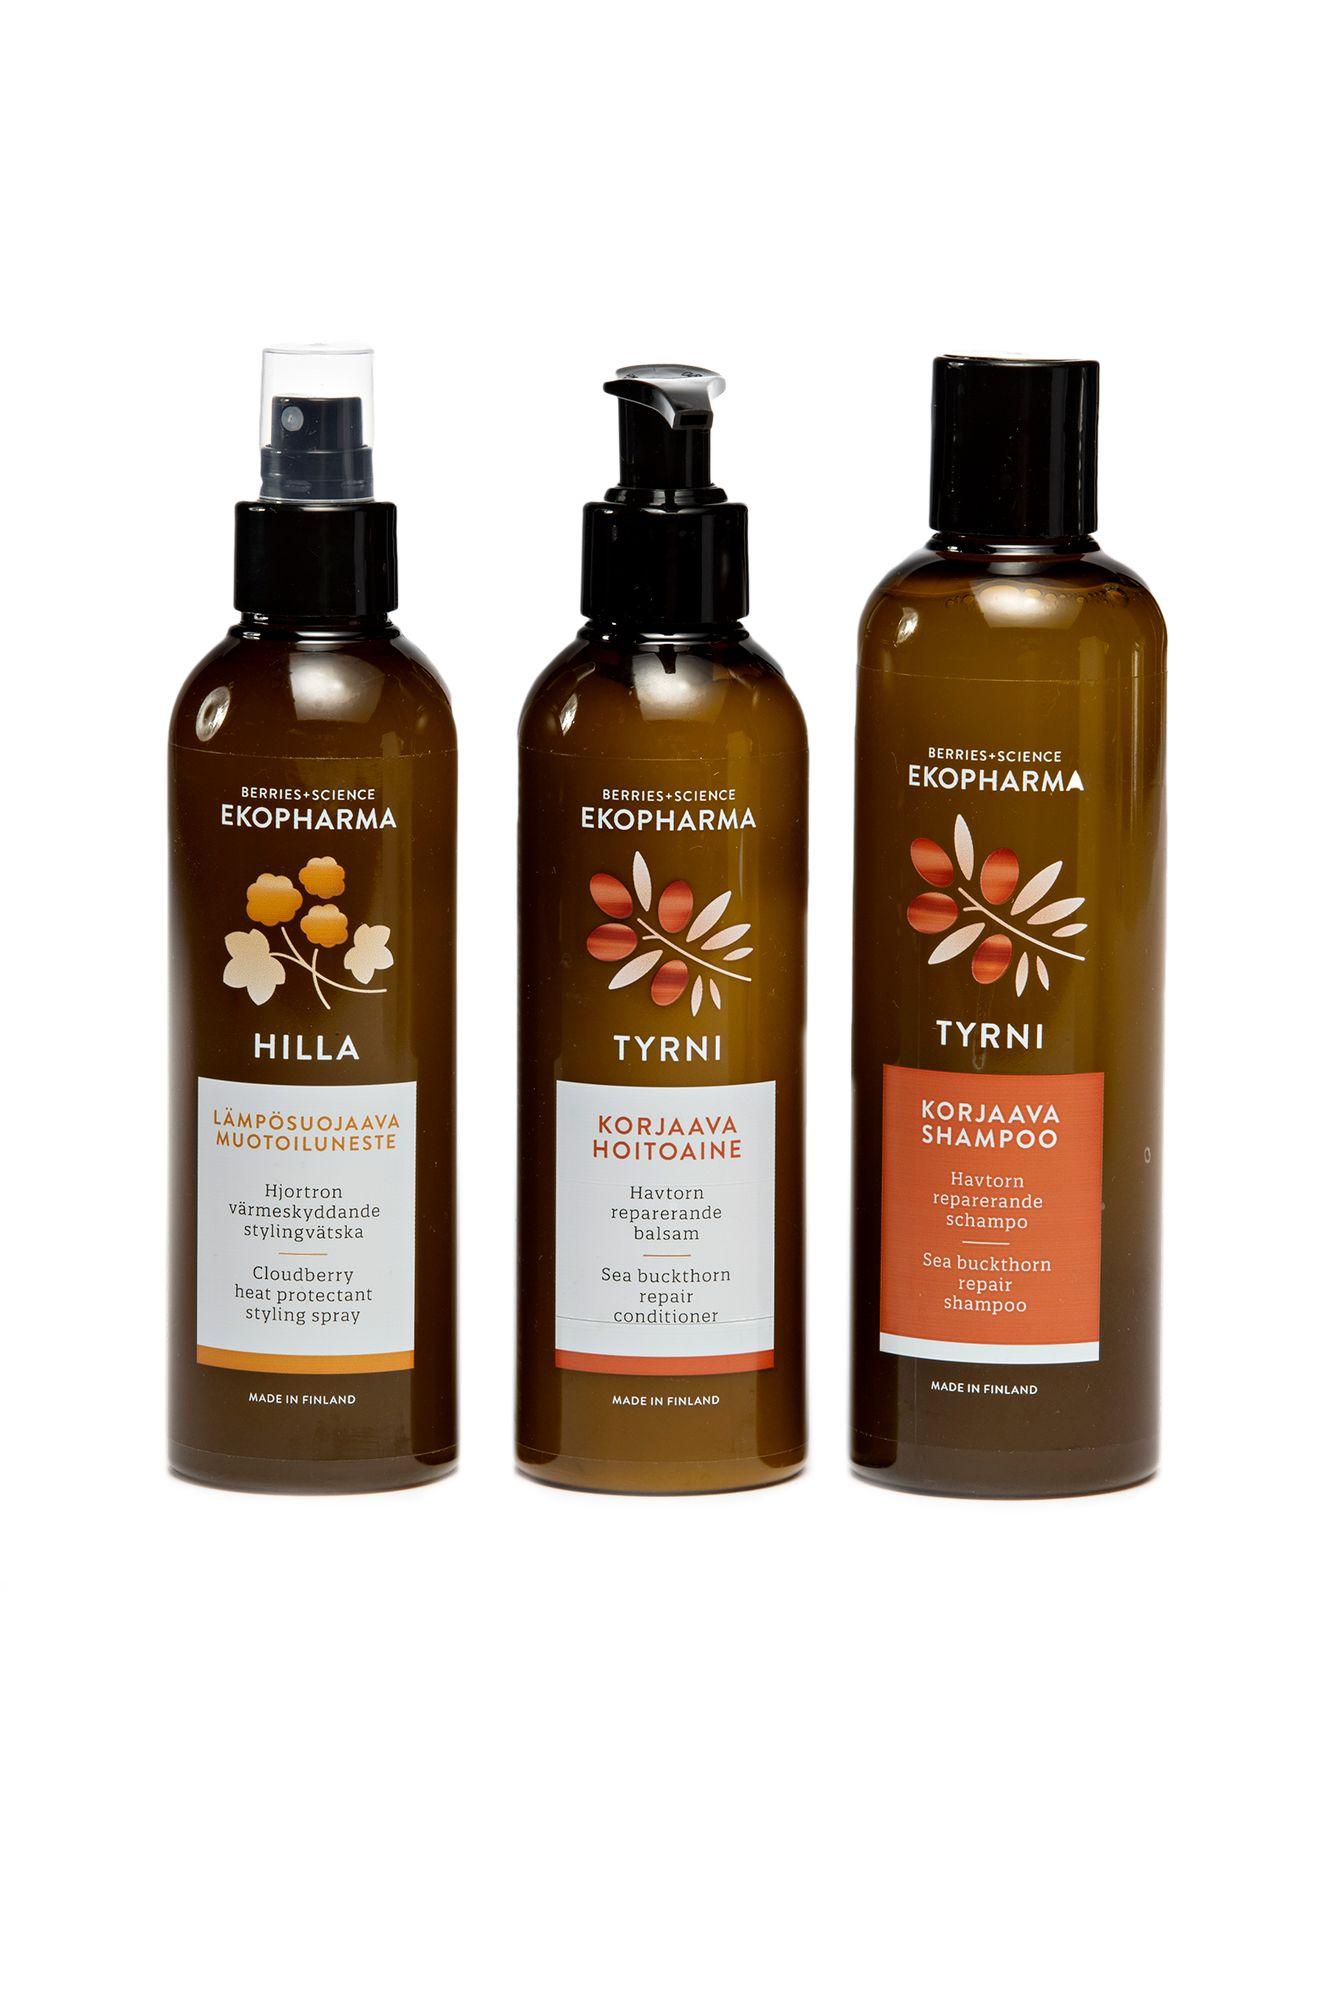 Kotimaisen Ekopharman hiuksia korjaava Tyrni-sampoo 250 ml 21€ ja -hoitoaine 200 ml 22,50 € sekä lämpösuojaava ja kiiltoa tuova Hilla-muotoiluneste 200 ml 18,90 €.